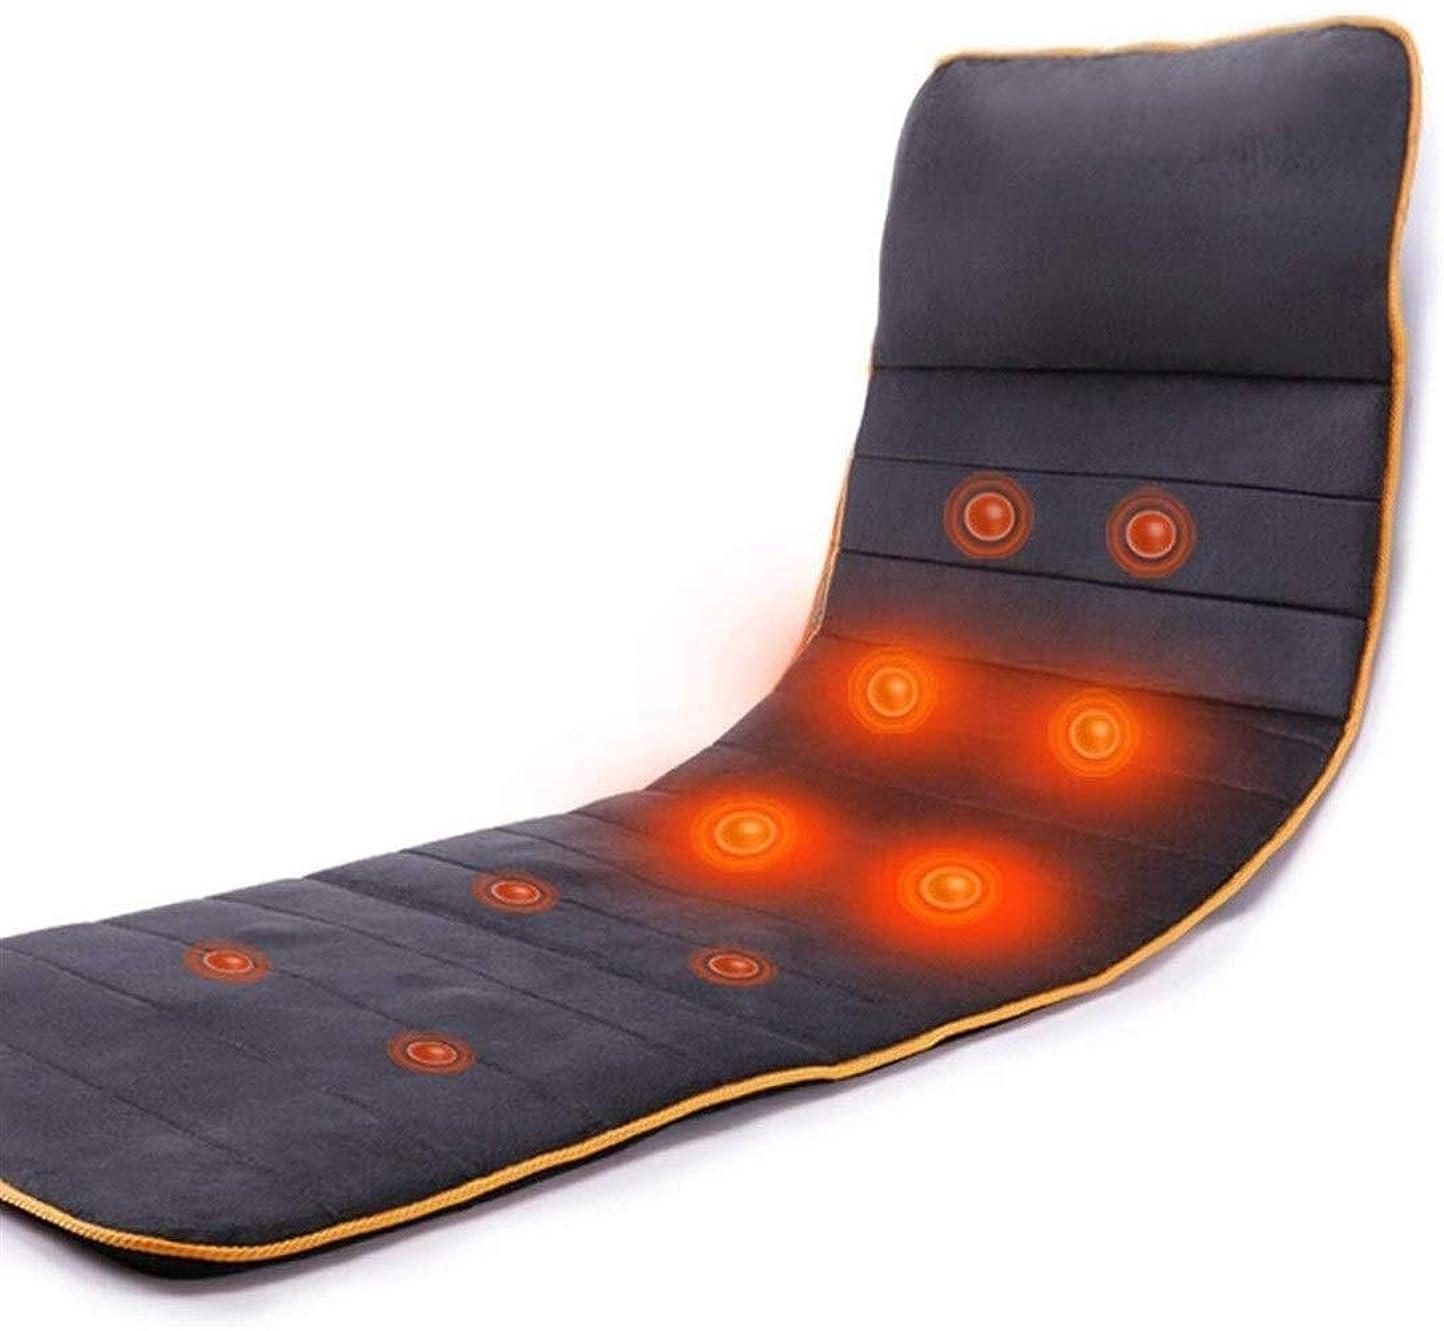 監督する十一ハーネス多機能ボディマッサージクッション、マッサージクッション椅子を混練マッサージマットレスの家庭用暖房、デュアルユースを横たわって座って、折りたたみ可能